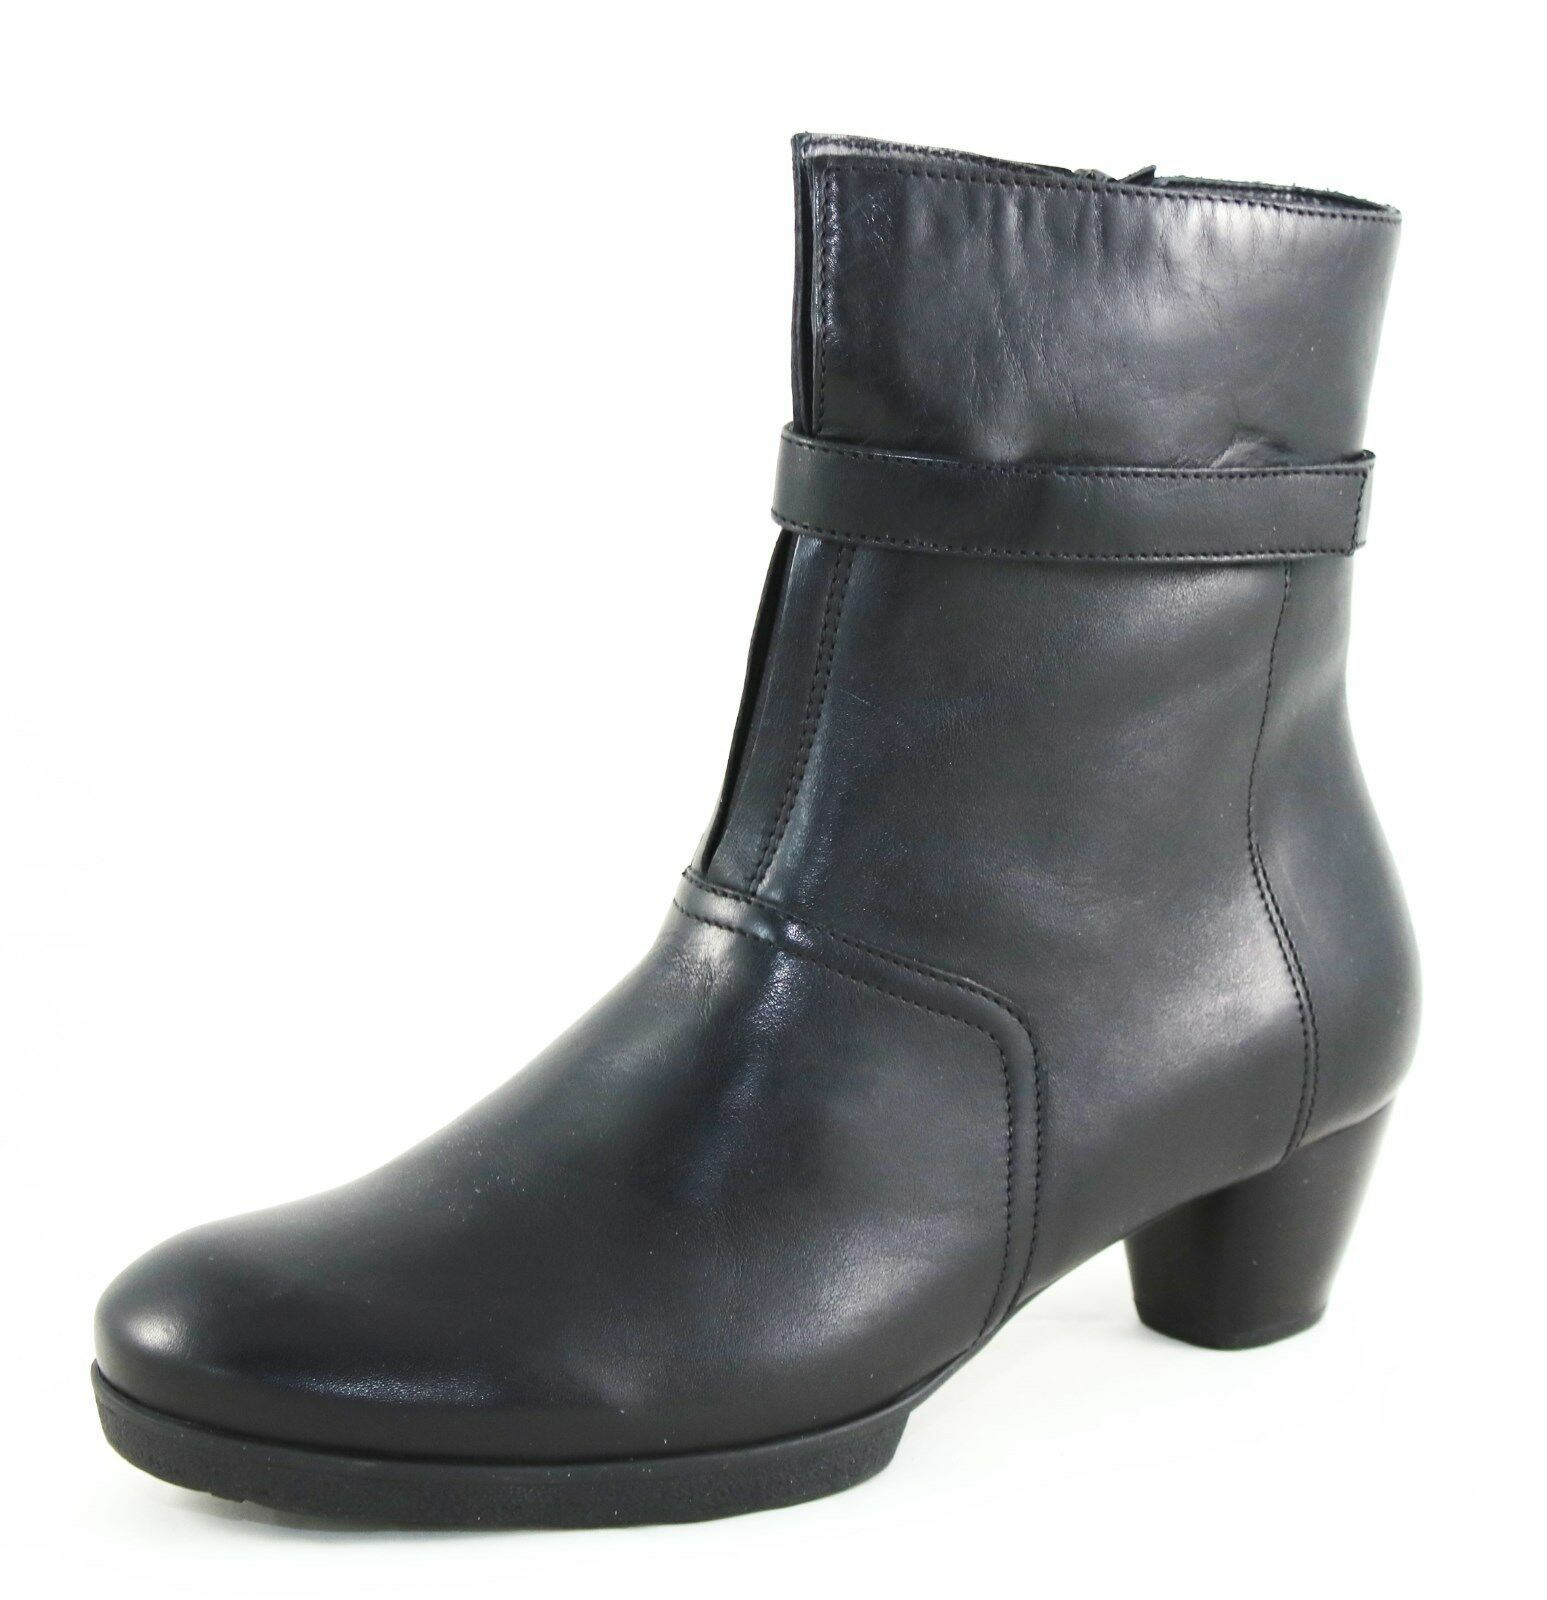 Grandes zapatos con descuento 369 THINK! Damen Stiefelette Stiefel NOLA eUVP* 199,90